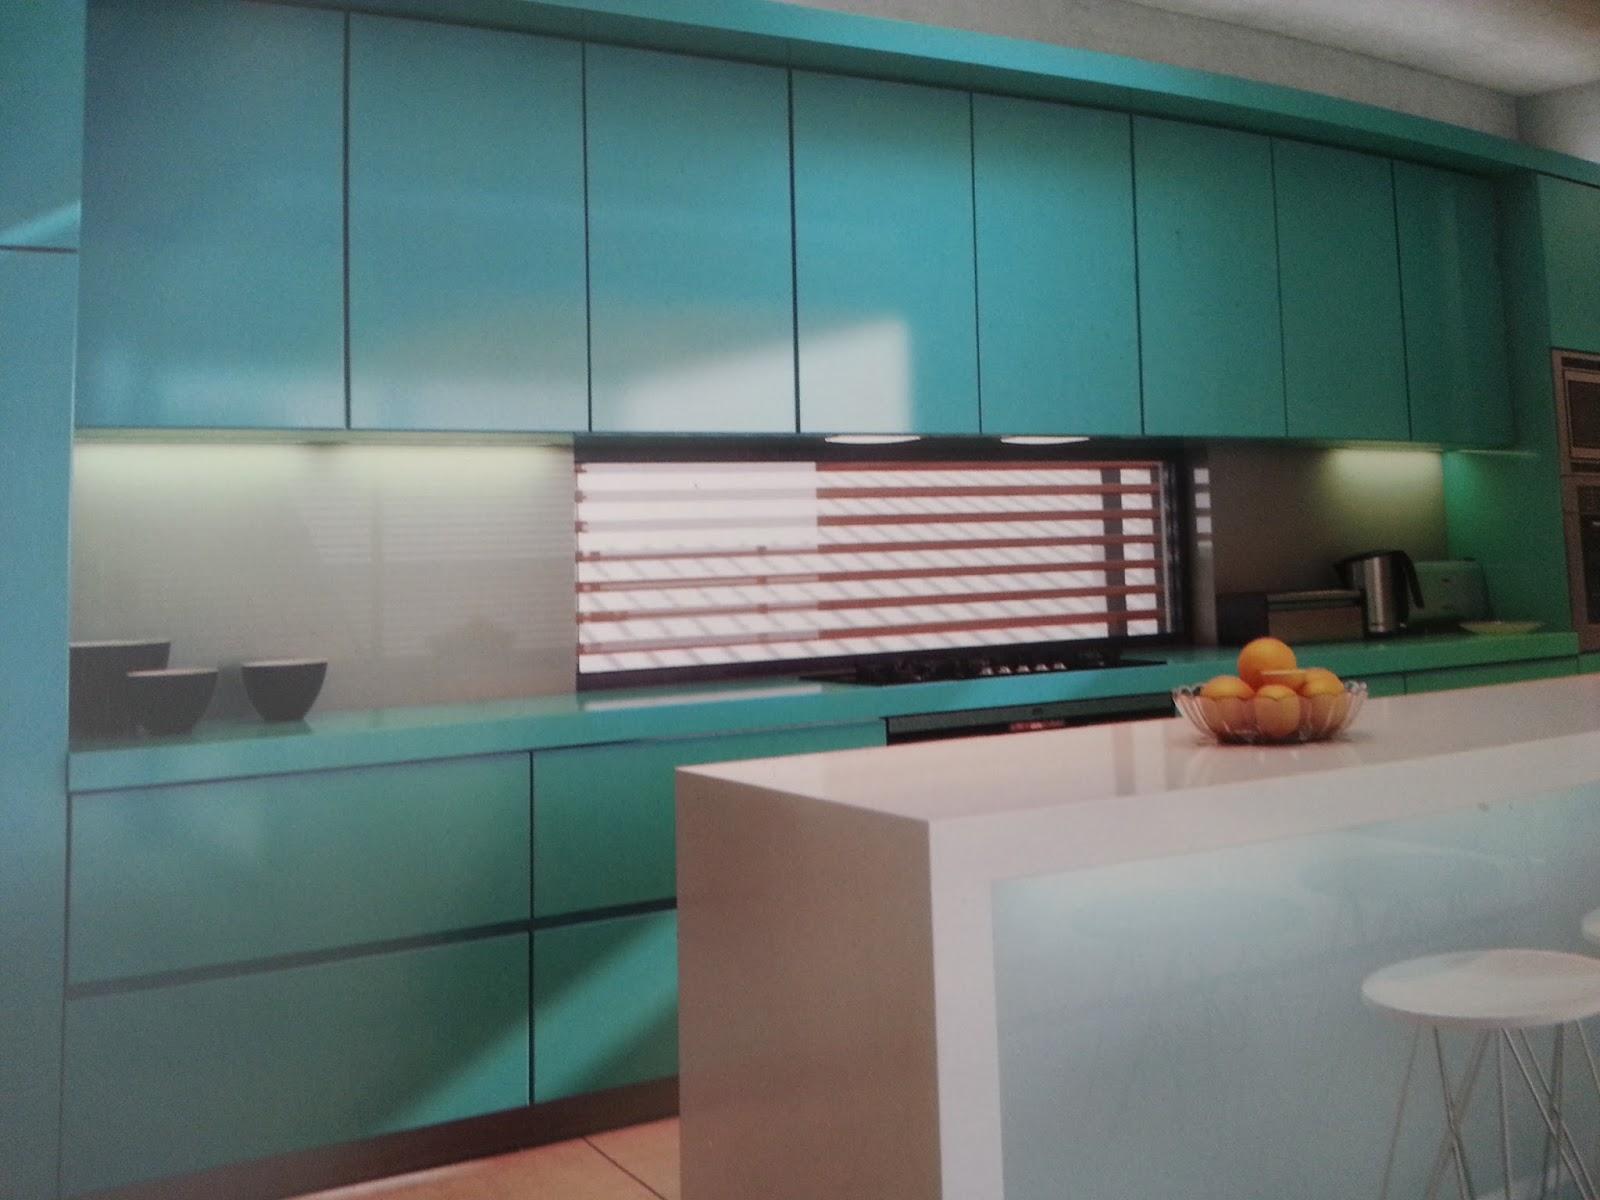 Plathoo dise o de cocinas y ba os 3d cocinas y ba os - Diseno de cocinas y banos ...